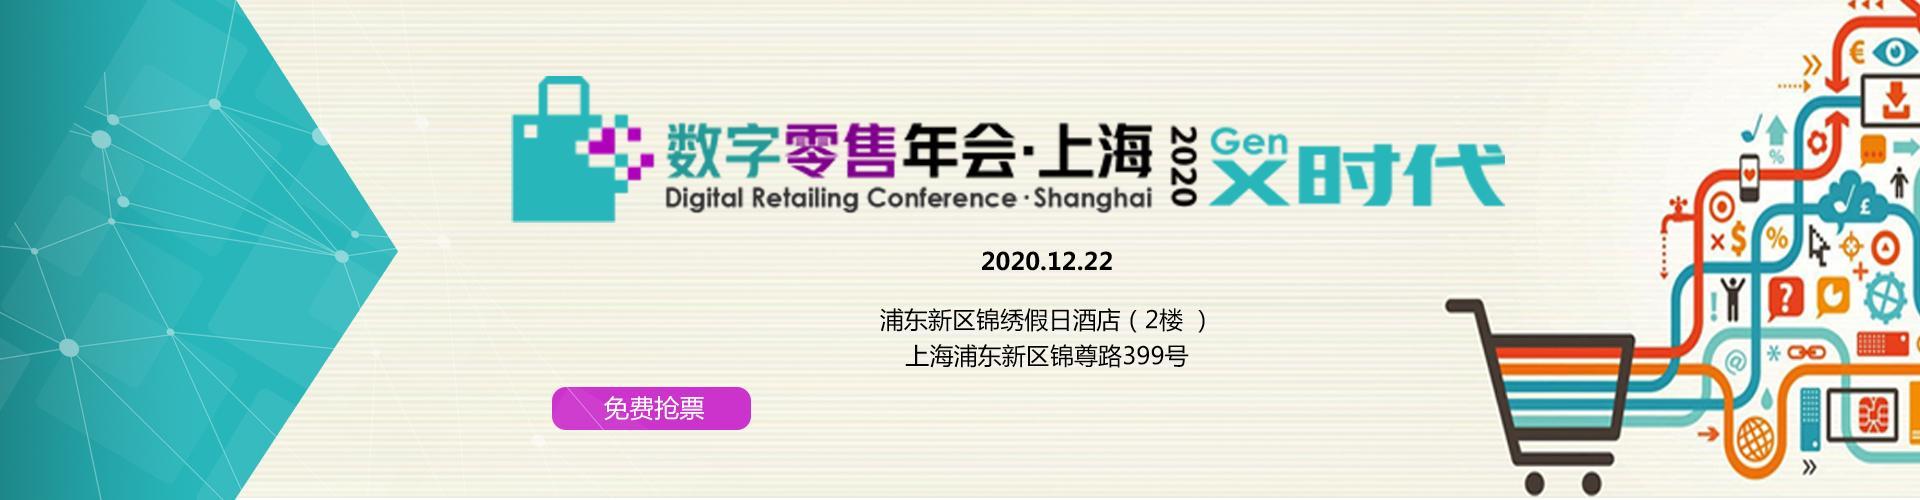 数字零售年会2020.12.22 上海